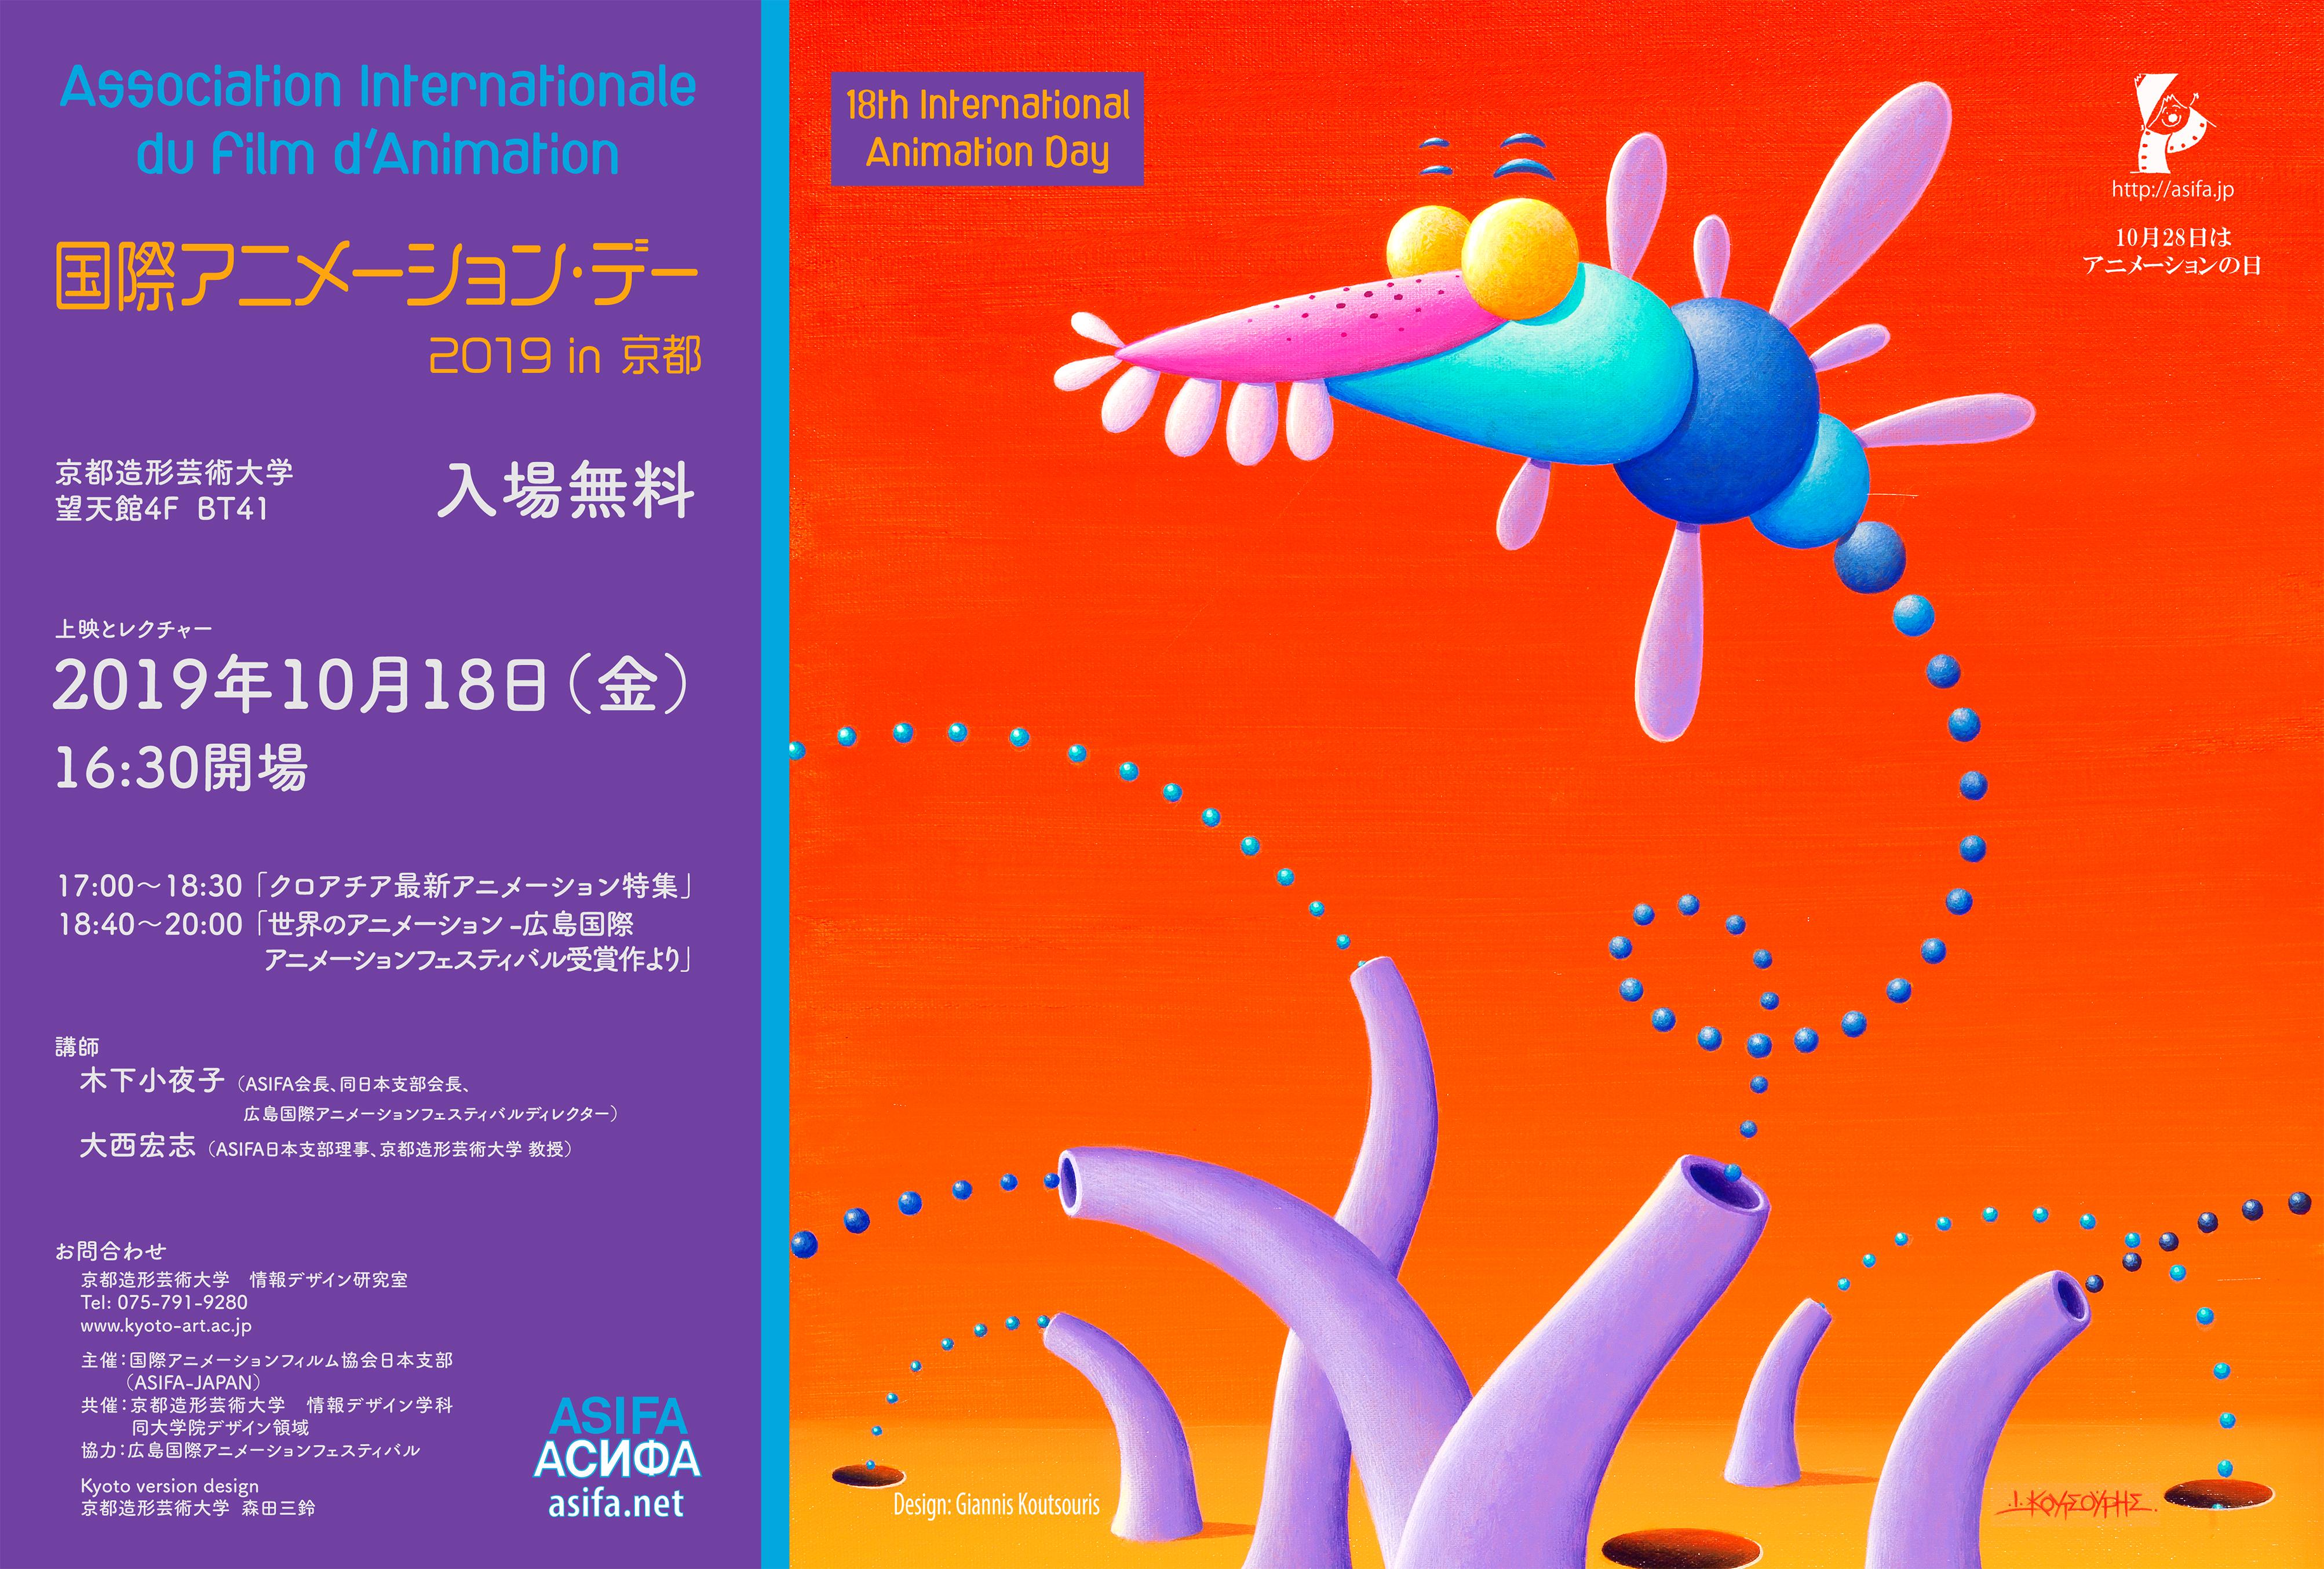 IAD19_Poster_修正2-2